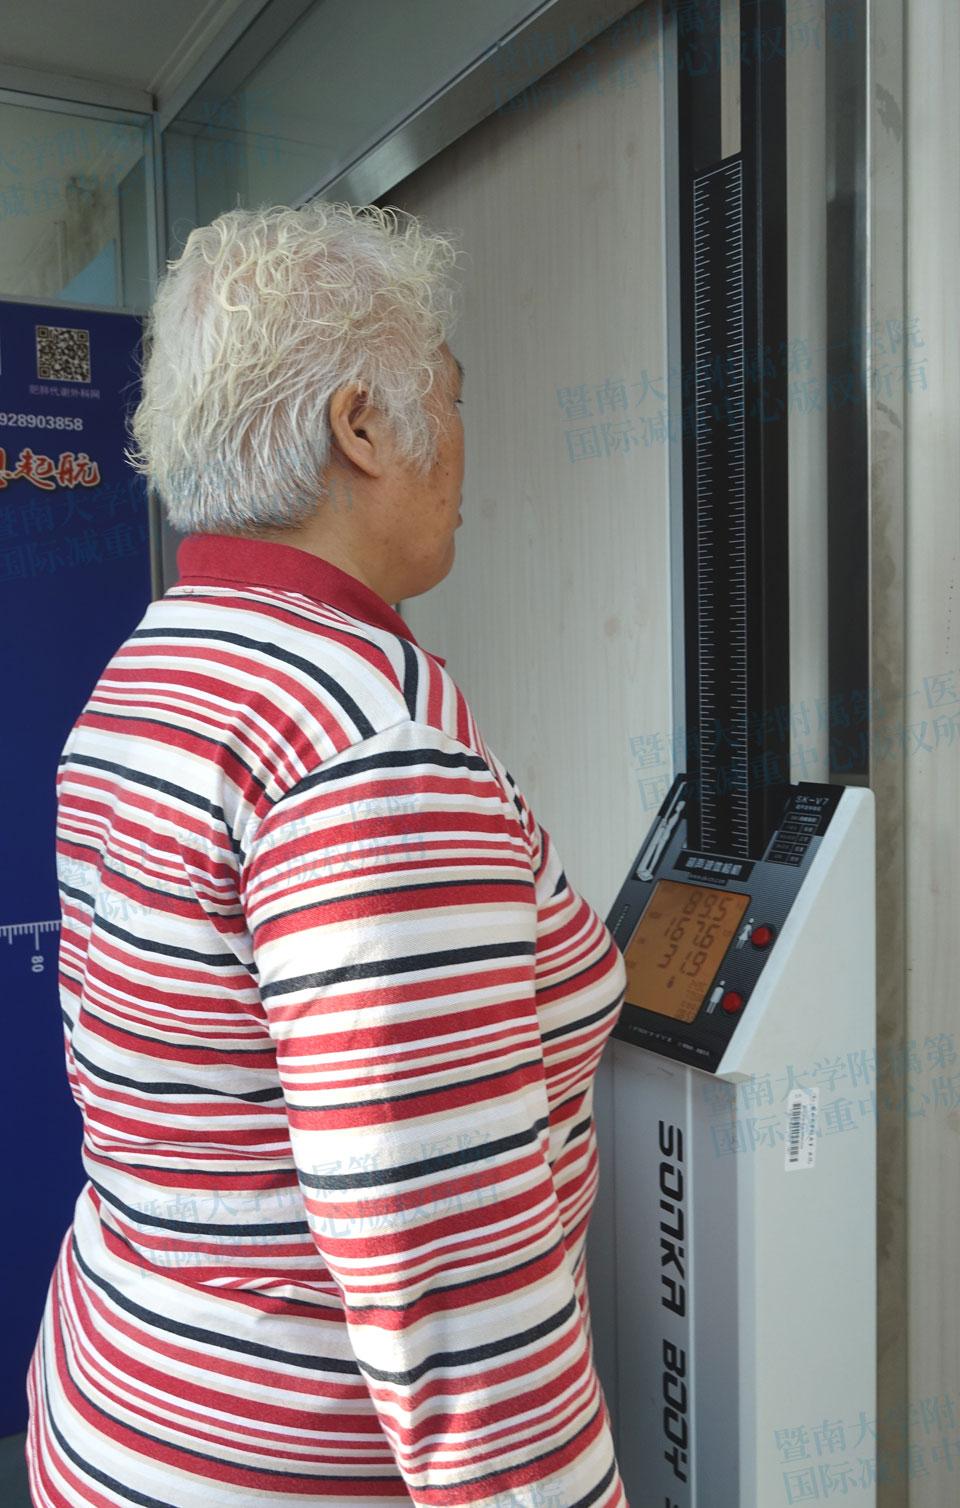 减重手术治疗糖尿病成了主流,64岁的老太太选择手术治疗糖尿病